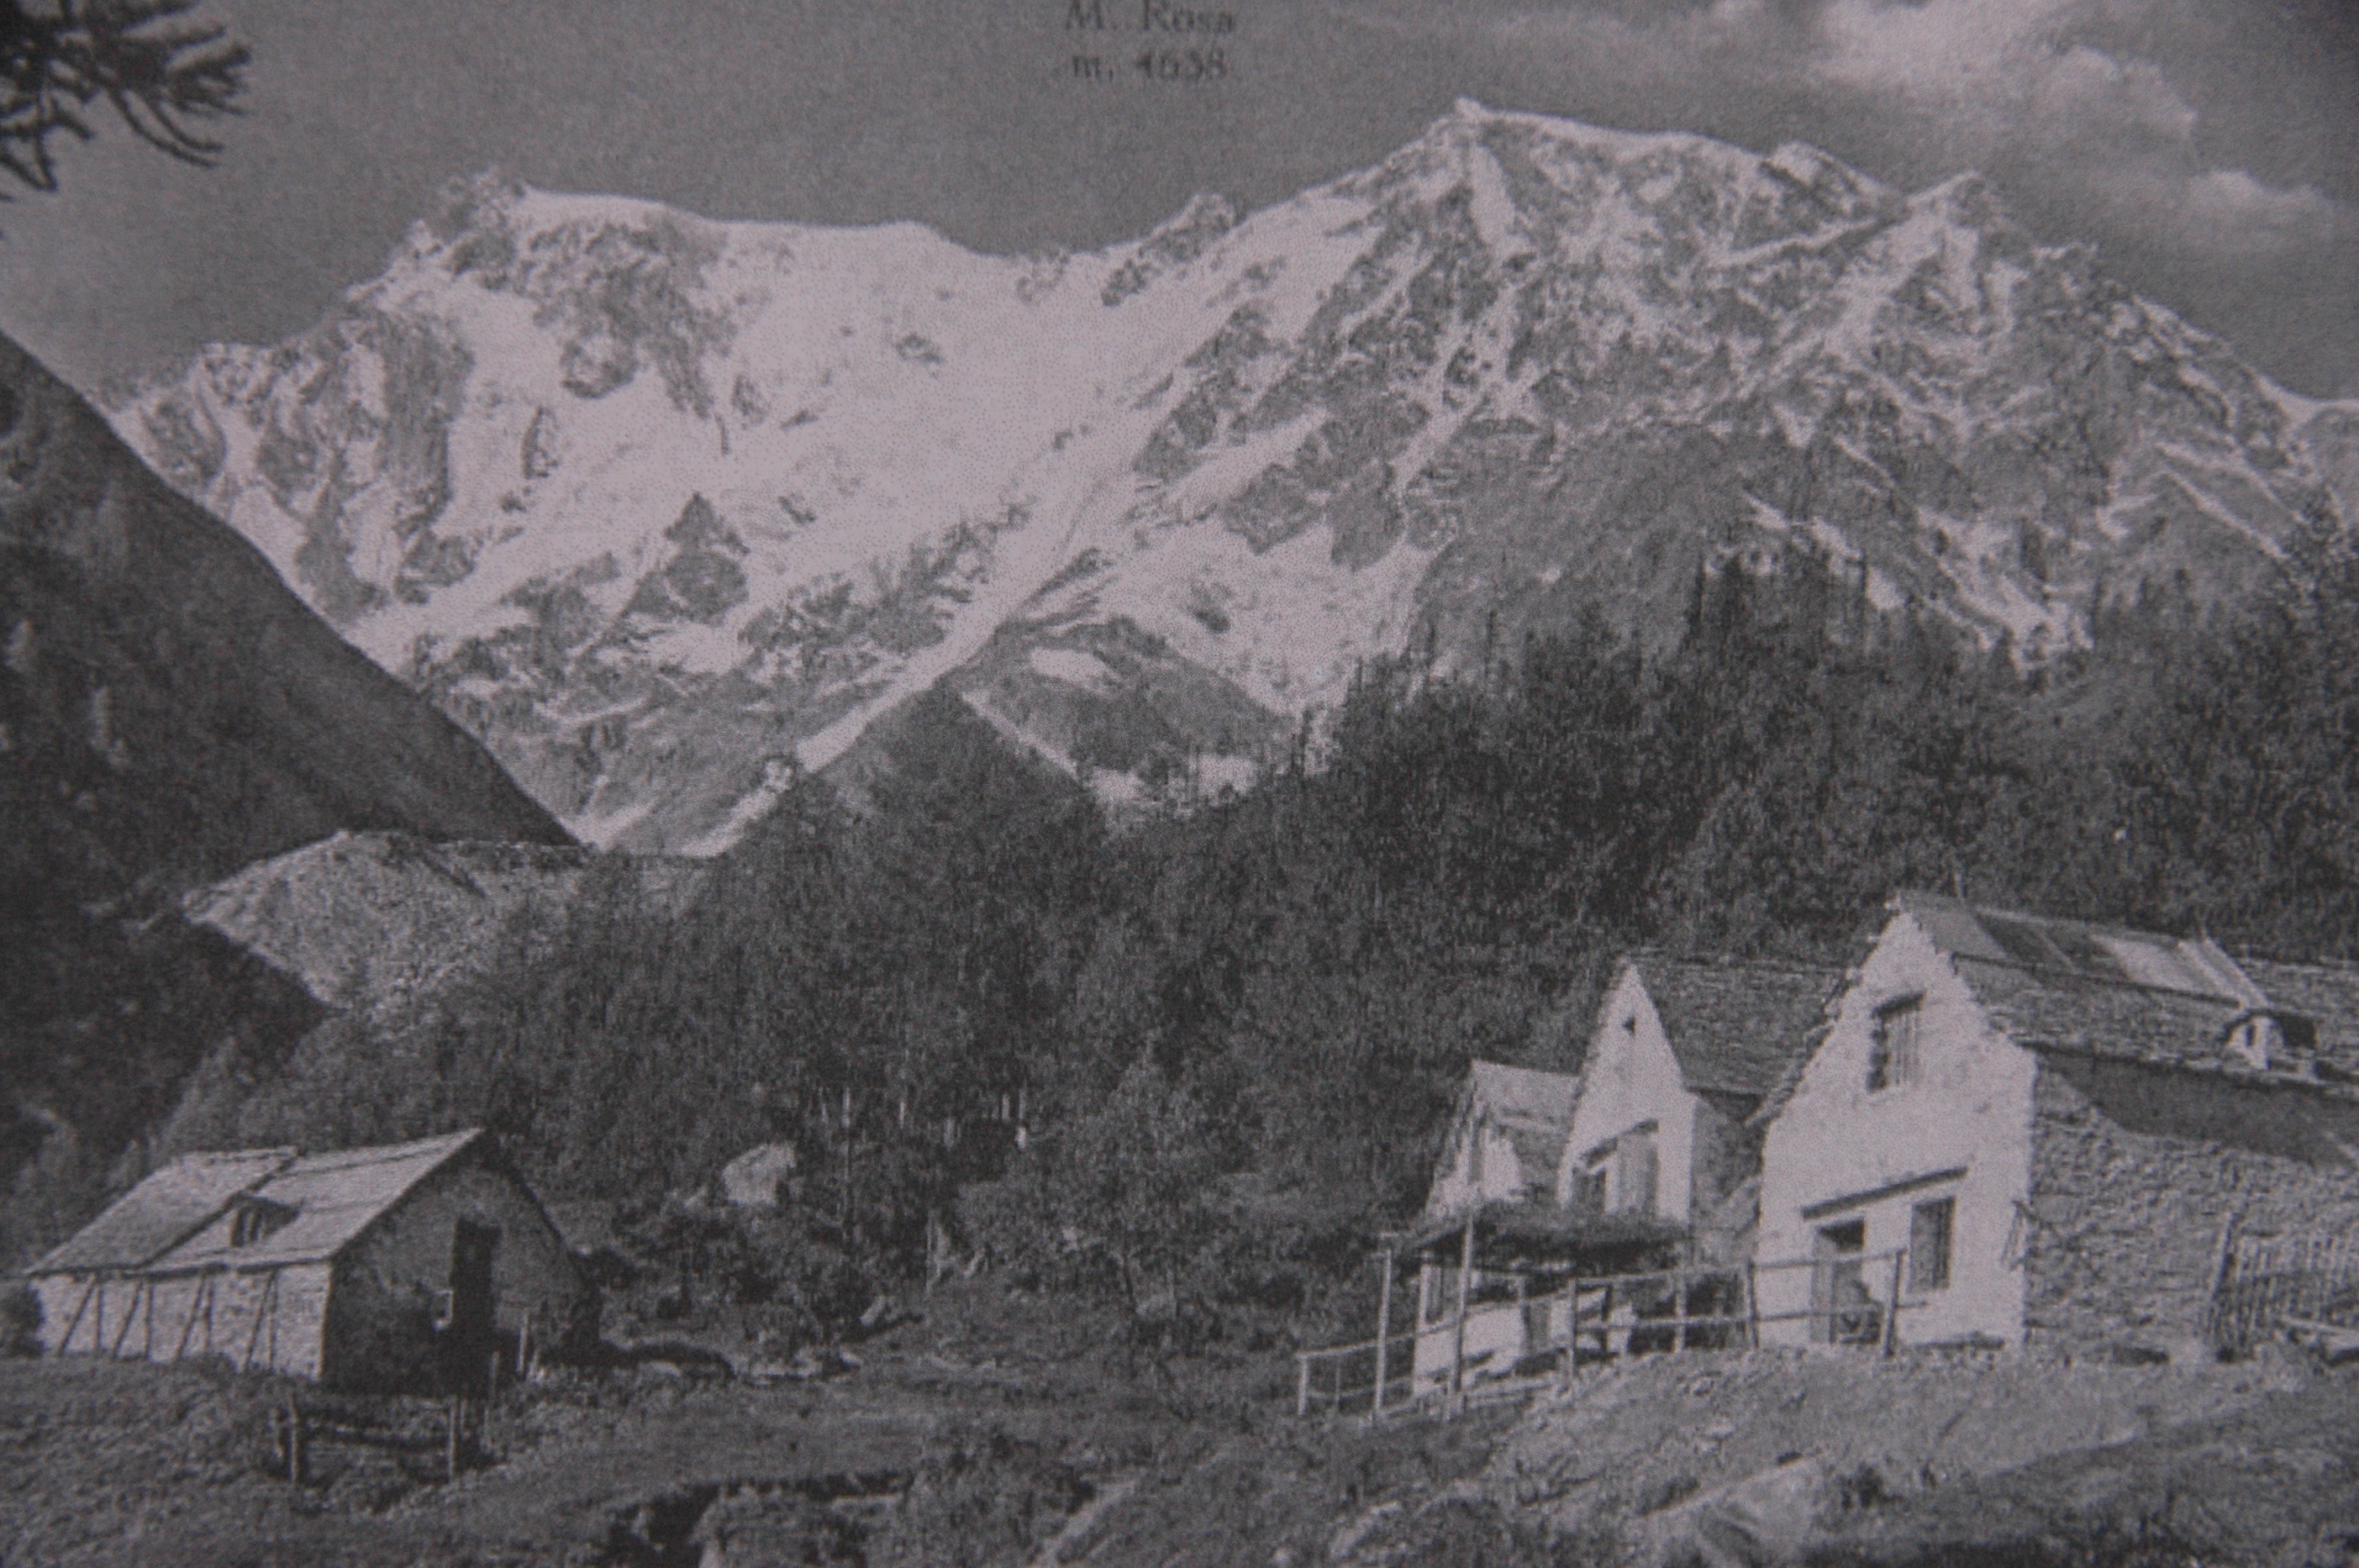 Alpe Burki Macugnaga, 1952